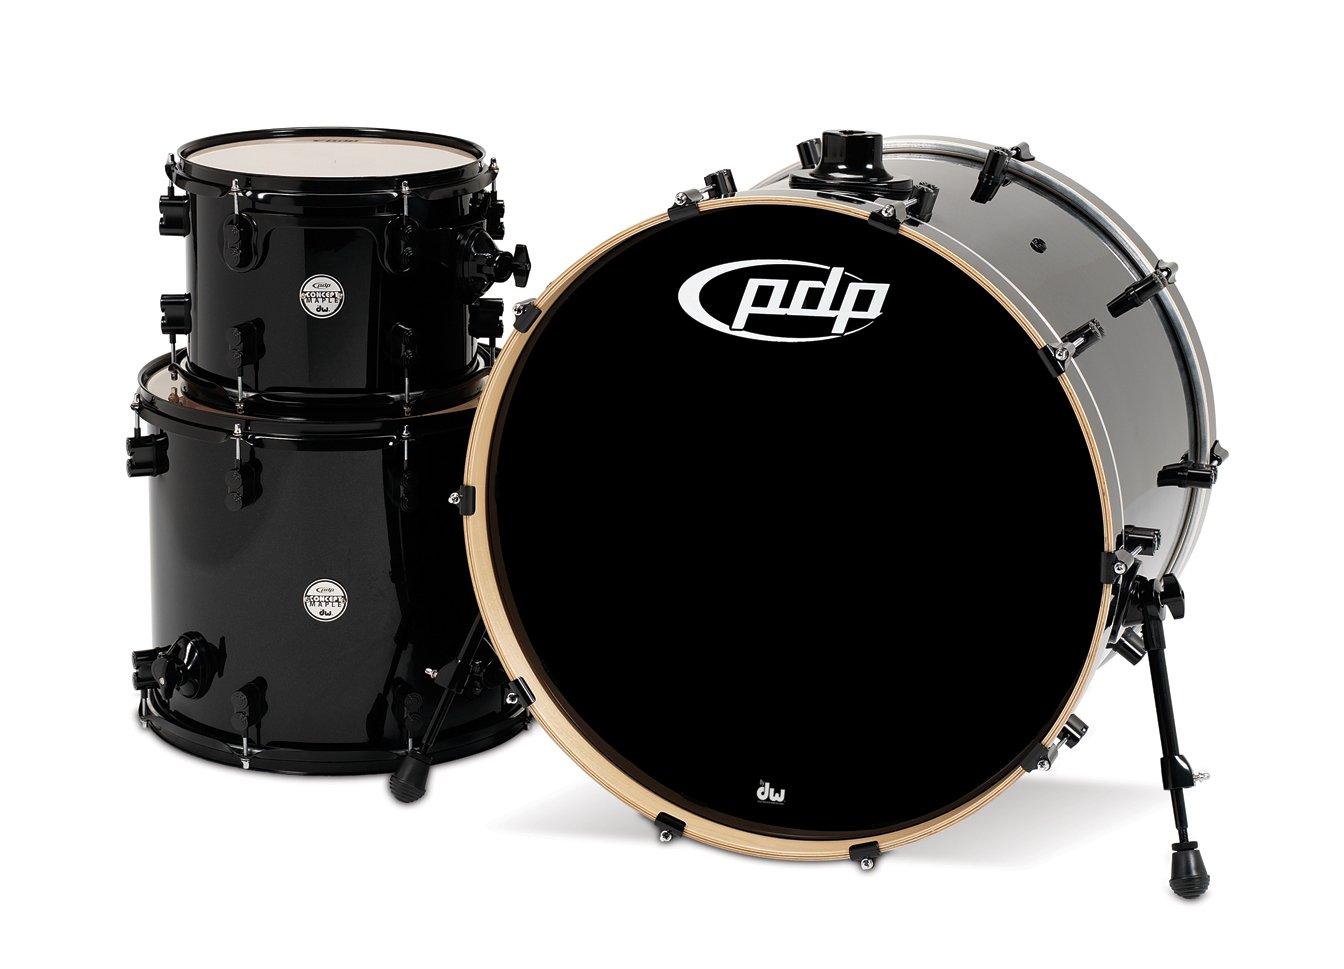 Pacific Drums PDCM2413PB Concept Series 3-Piece Drum Set - Pearlescent Black